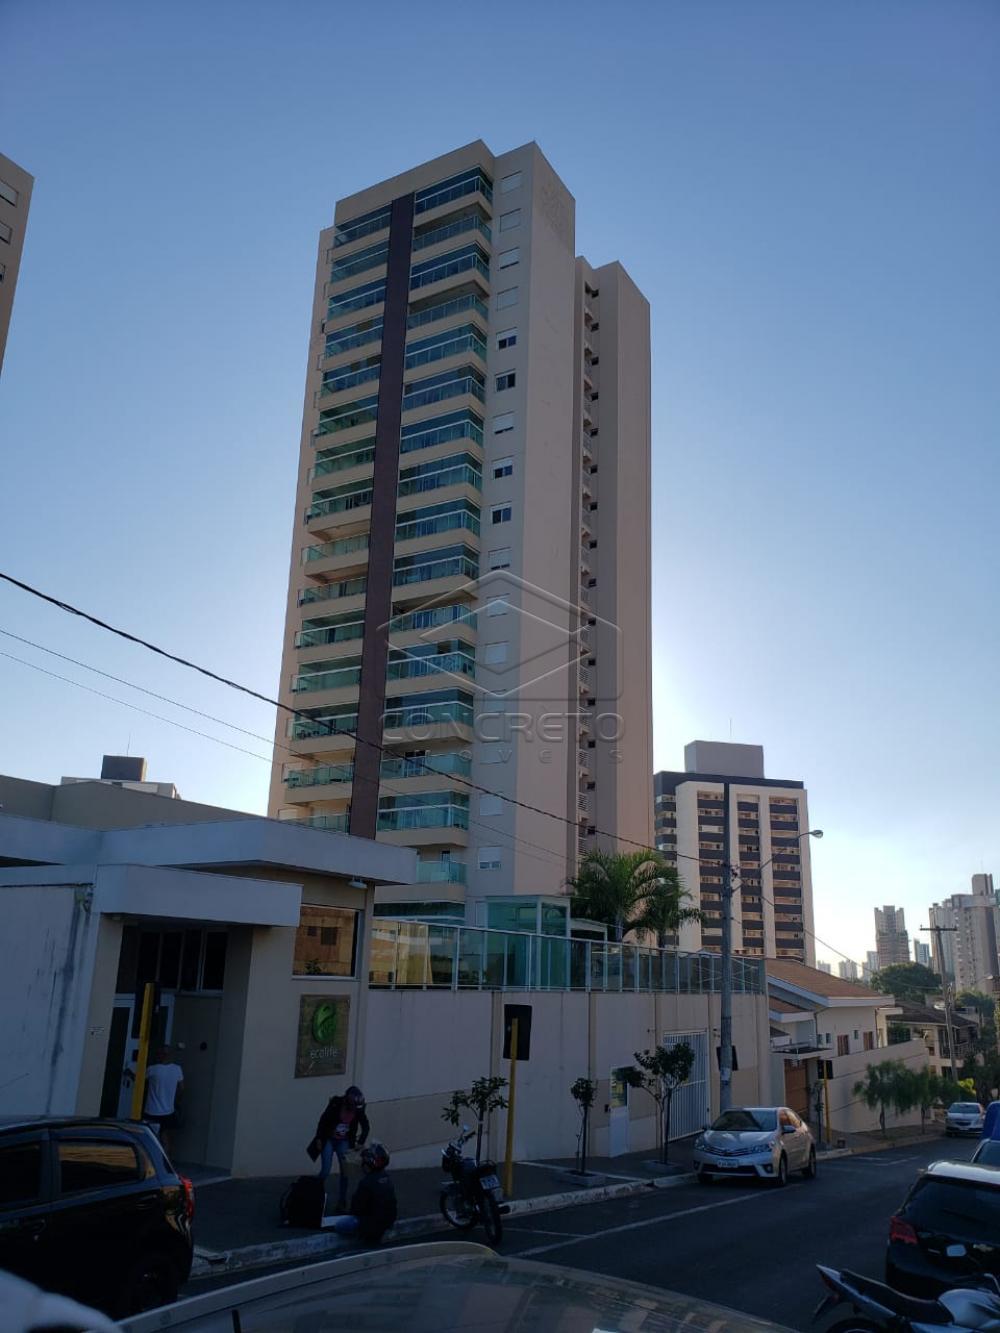 Comprar Apartamento / Padrão em Bauru R$ 450.000,00 - Foto 1